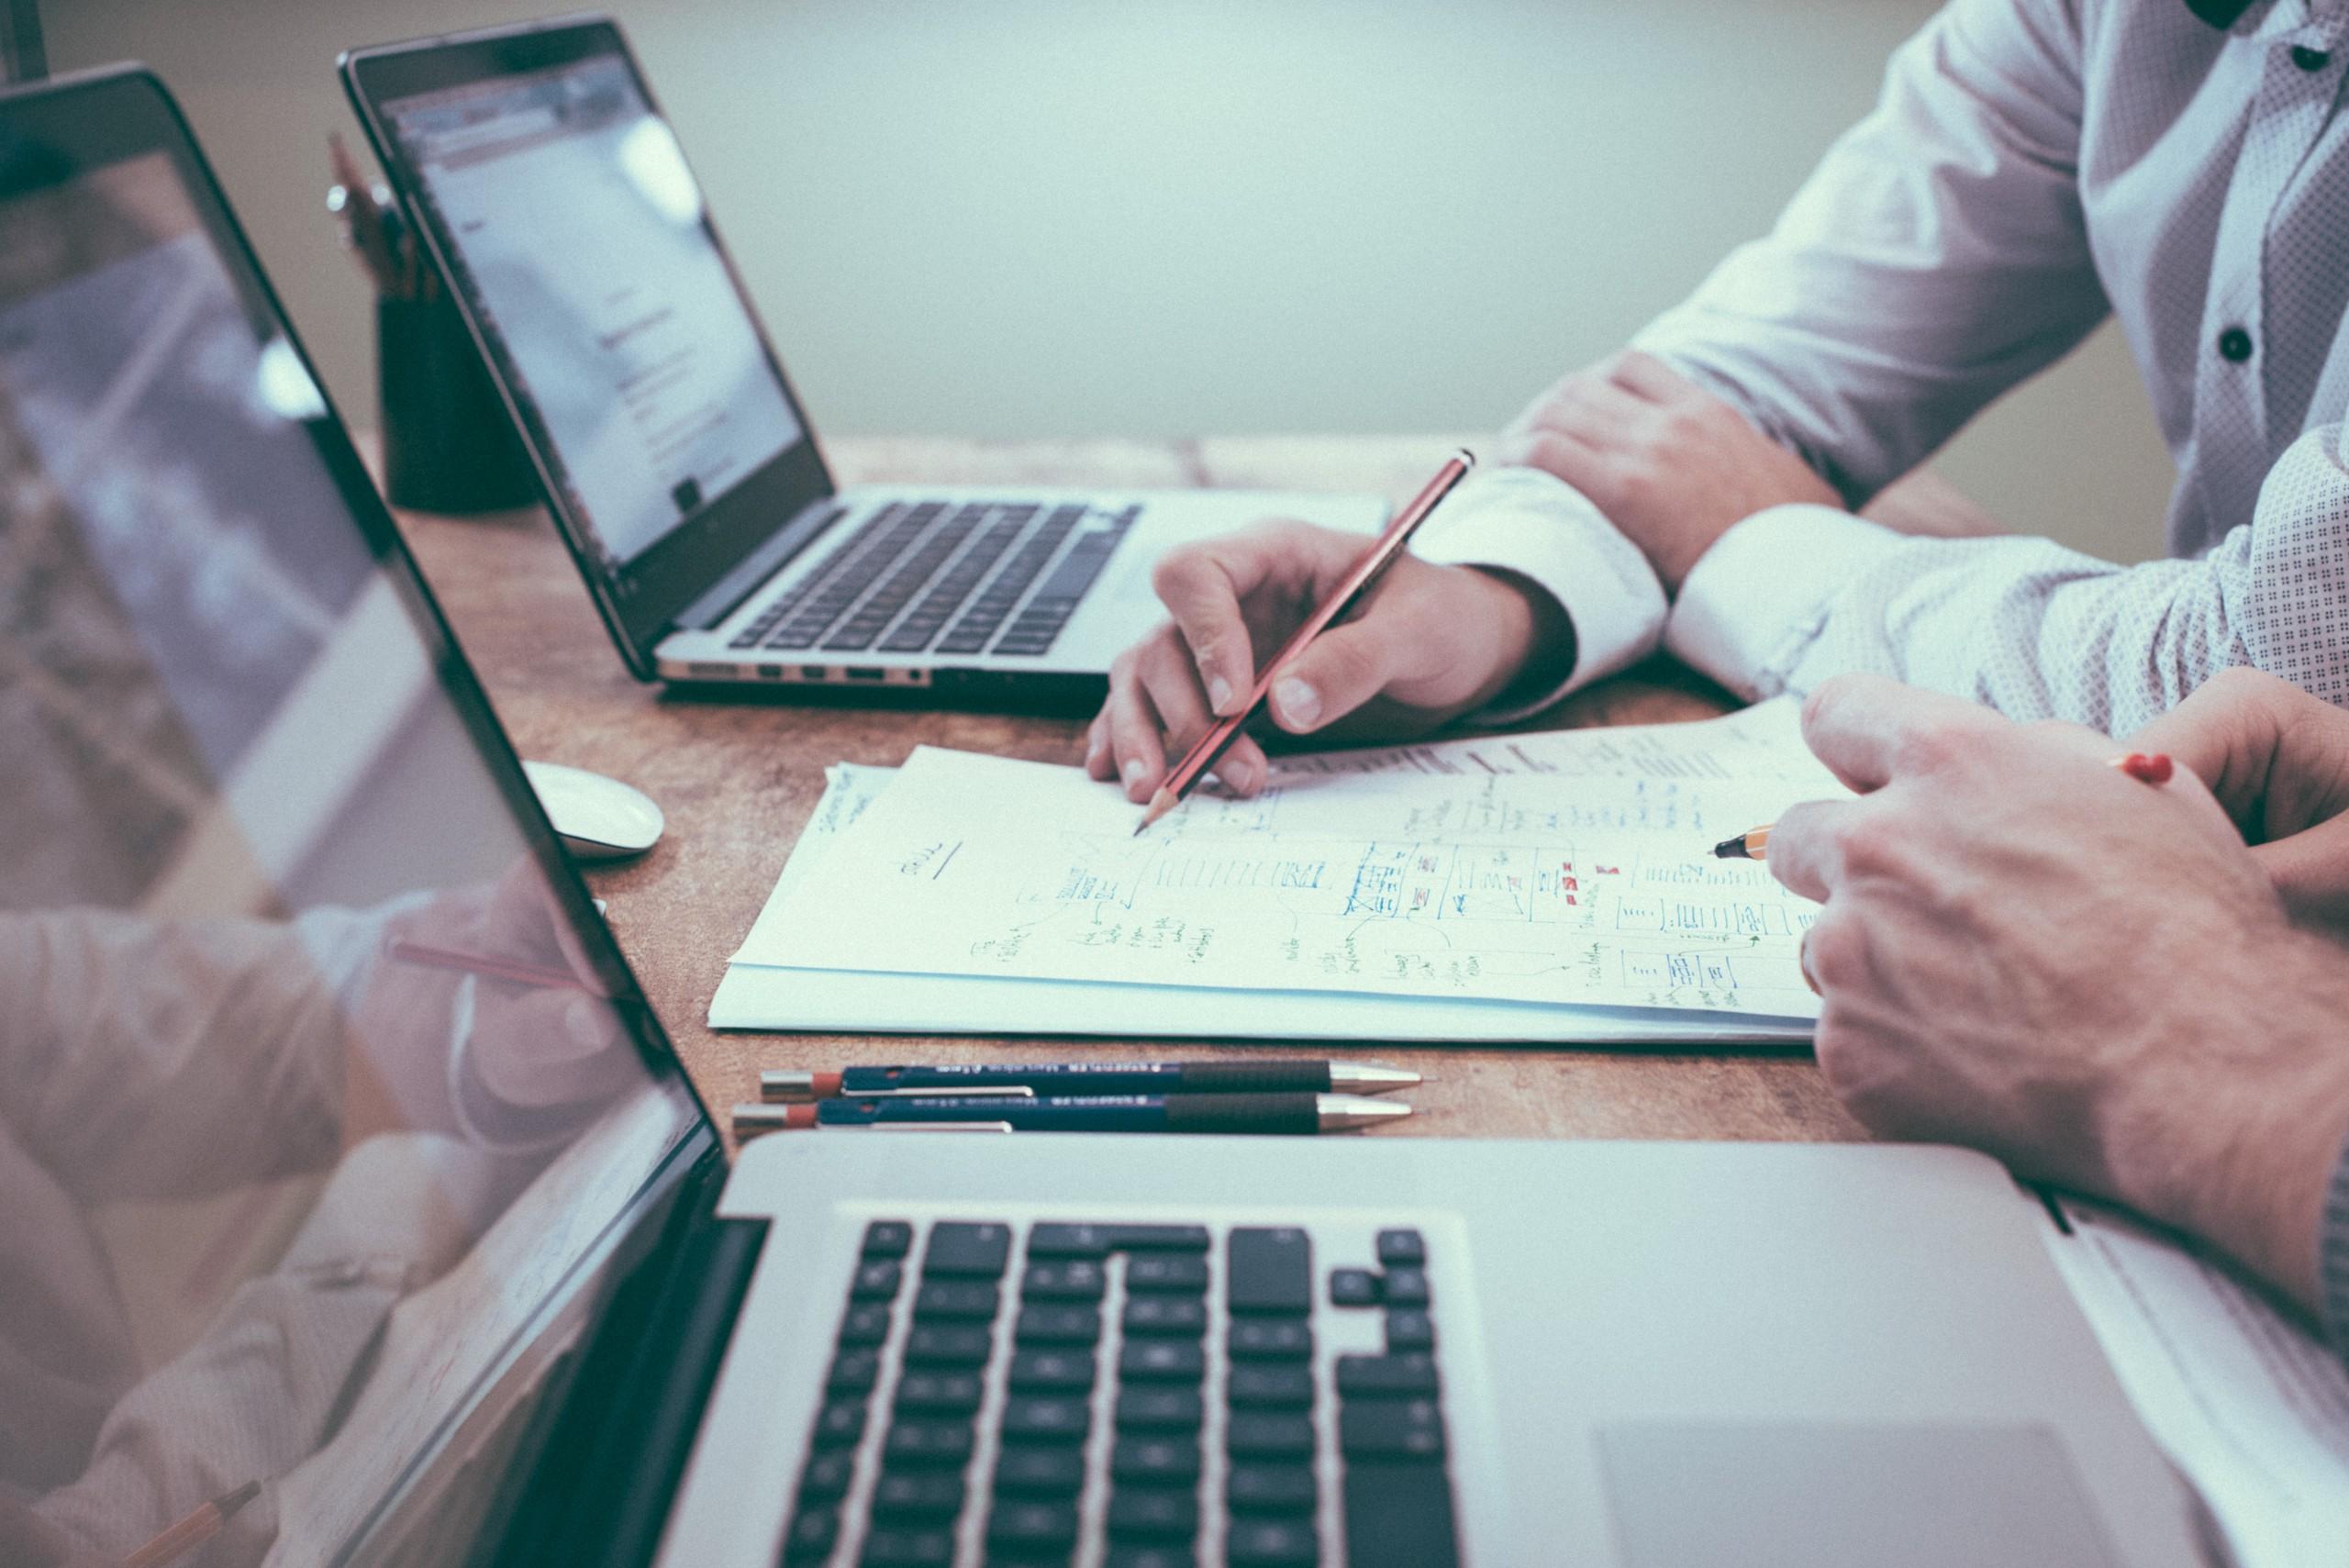 Uma mesa de madeira comporta dois computadores e uma planilha entre eles, com duas pessoas - das quais estão visíveis apenas as mãos - apontam para elementos da planilha. STJ julga alíquota fixa de ISS para LTDA